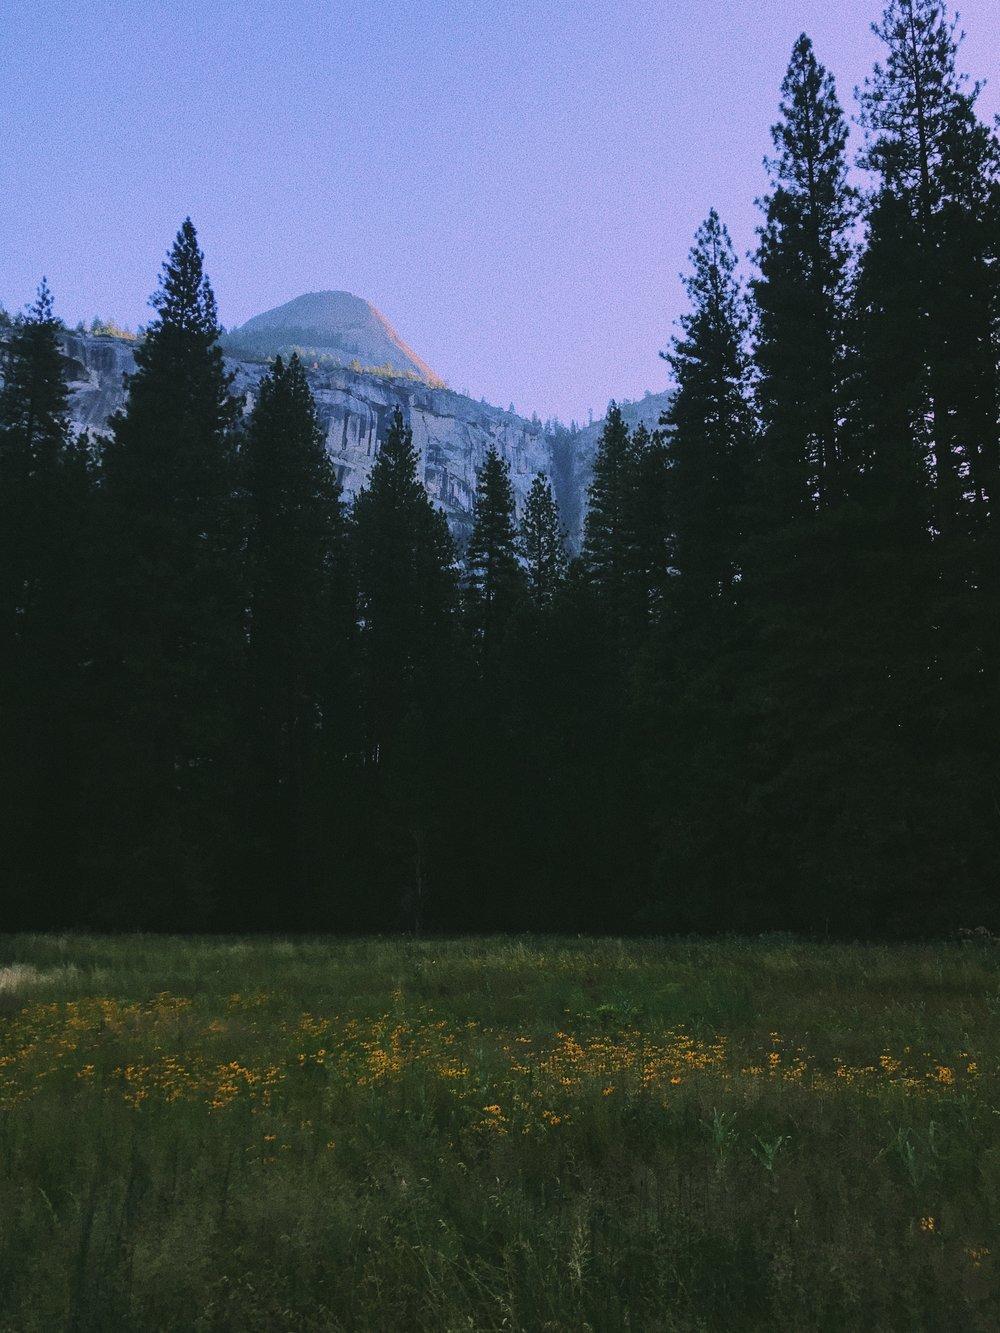 Yosemite at 7:00 a.m.